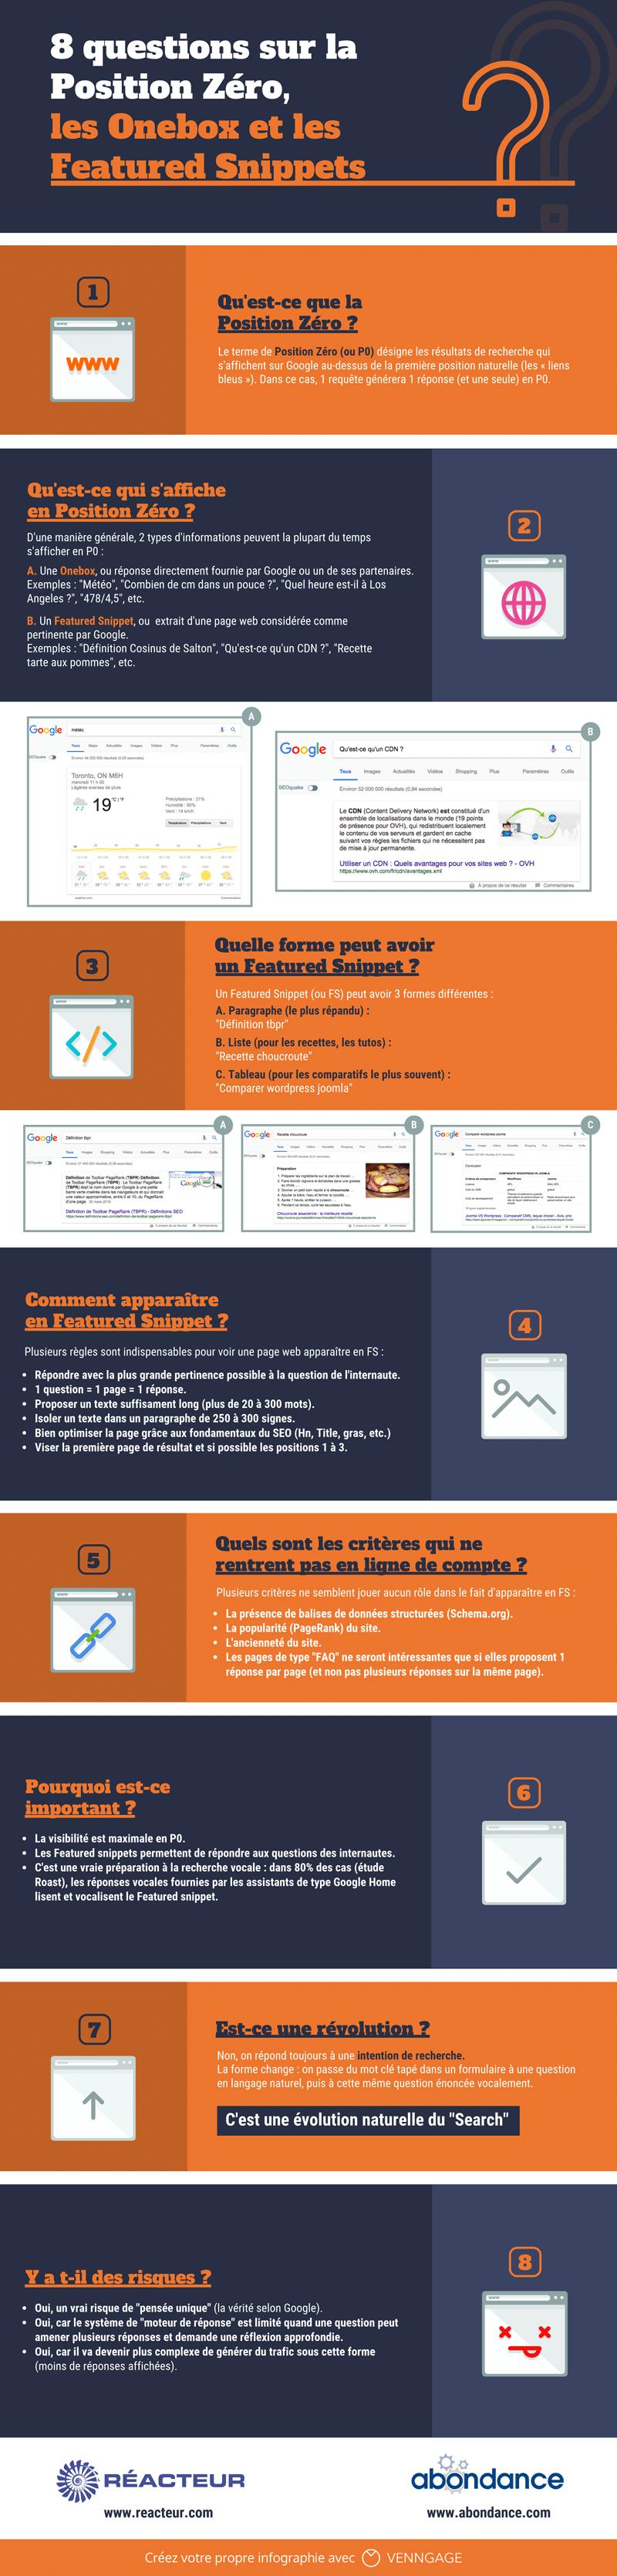 Infographie : 8 questions sur la Position Zéro, les Onebox et les Featured Snippets